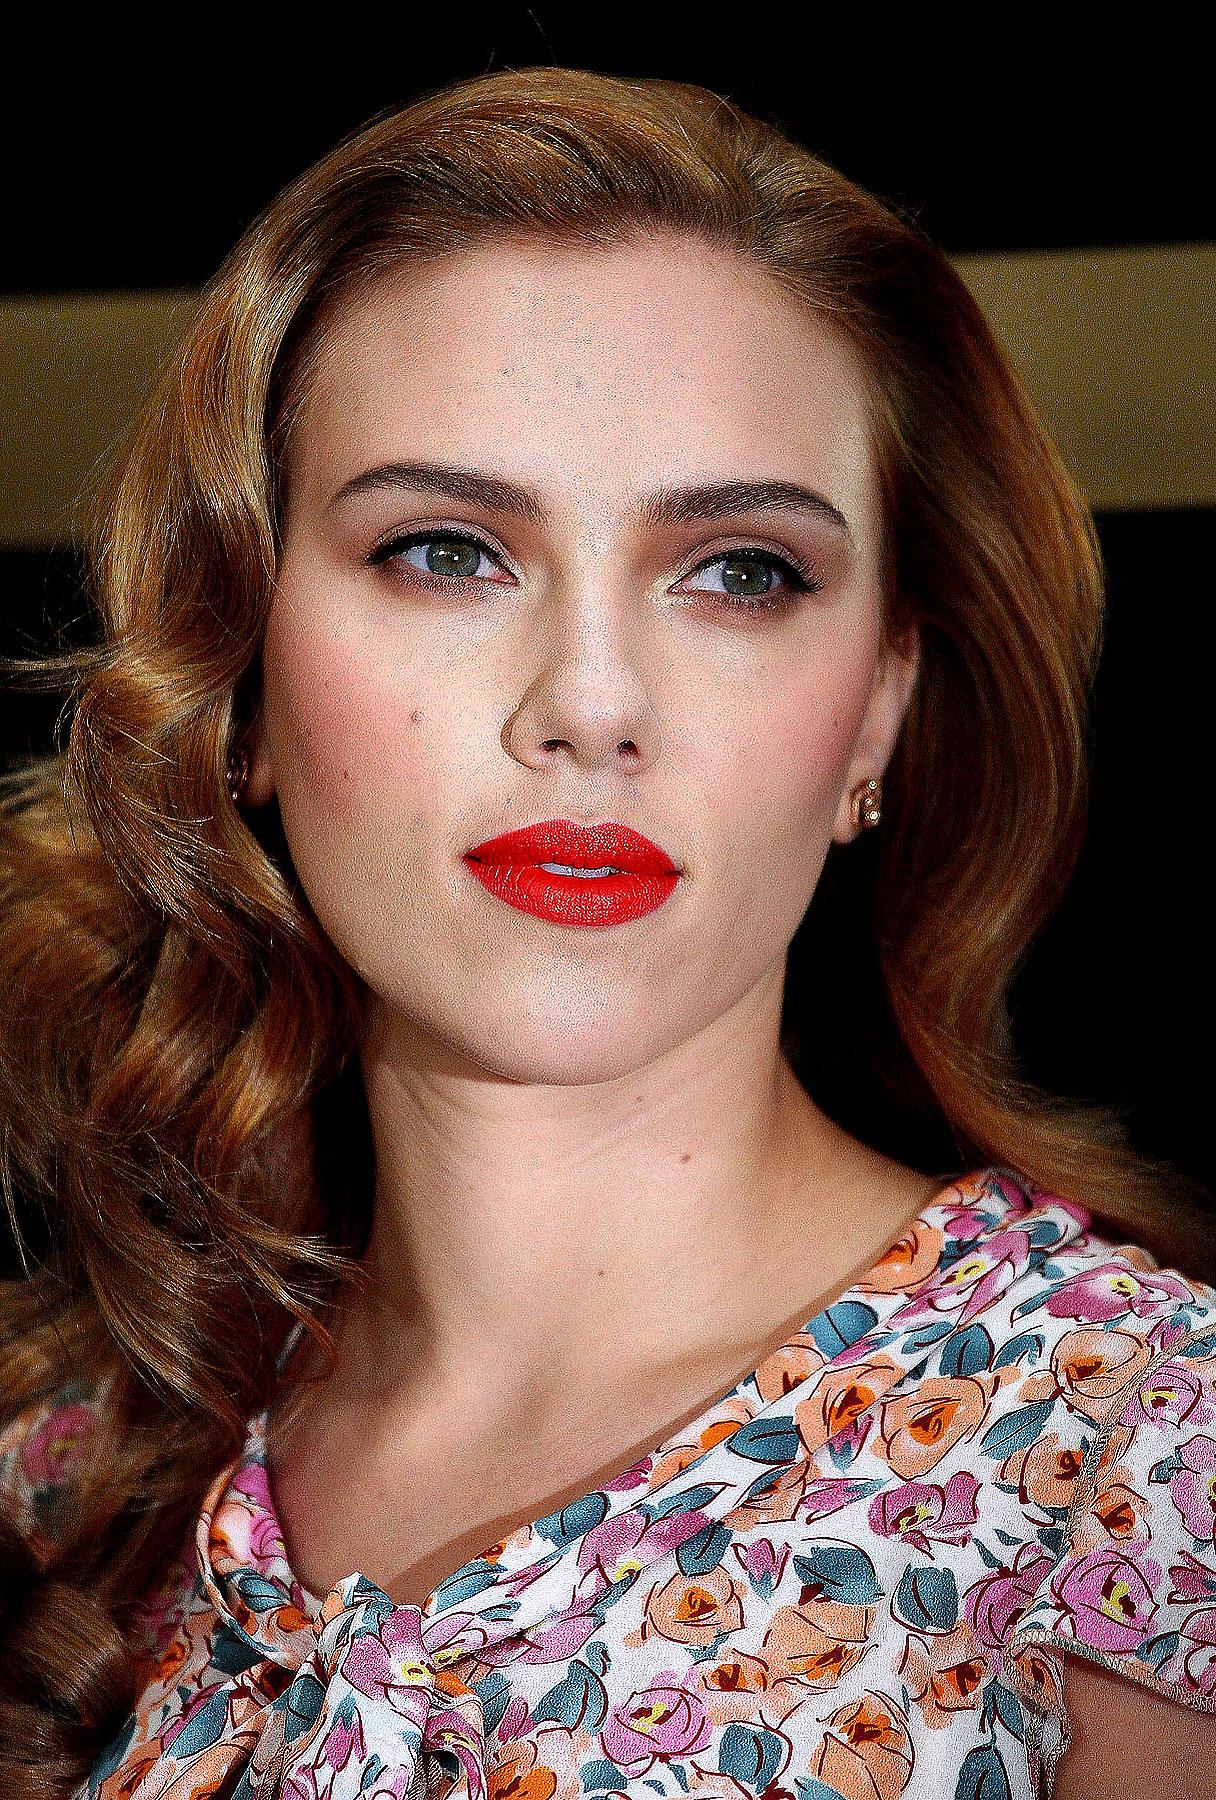 Scarlett Johansson: Broadway-Bound?